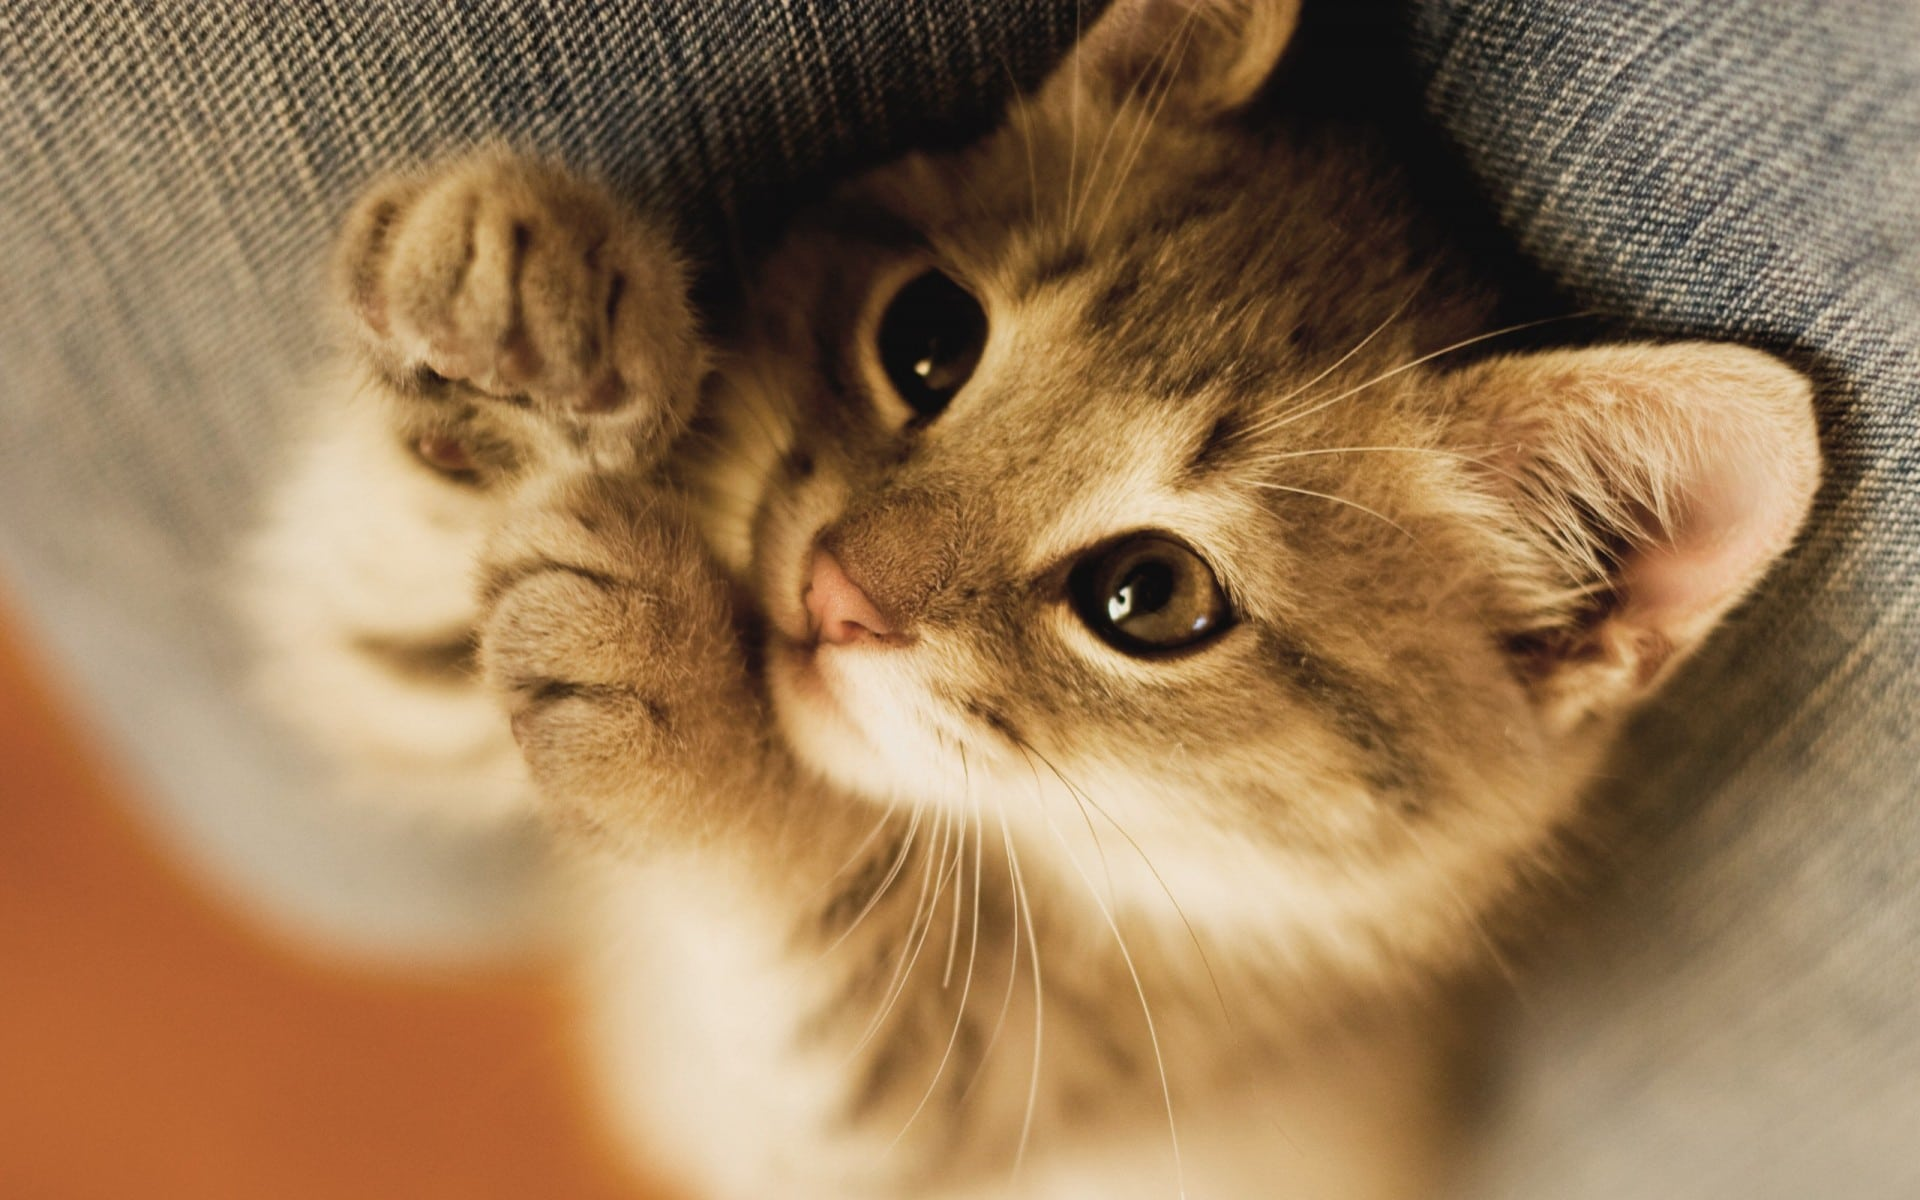 Besançon : une trentaine de chats congelés découverts dans une maison insalubre